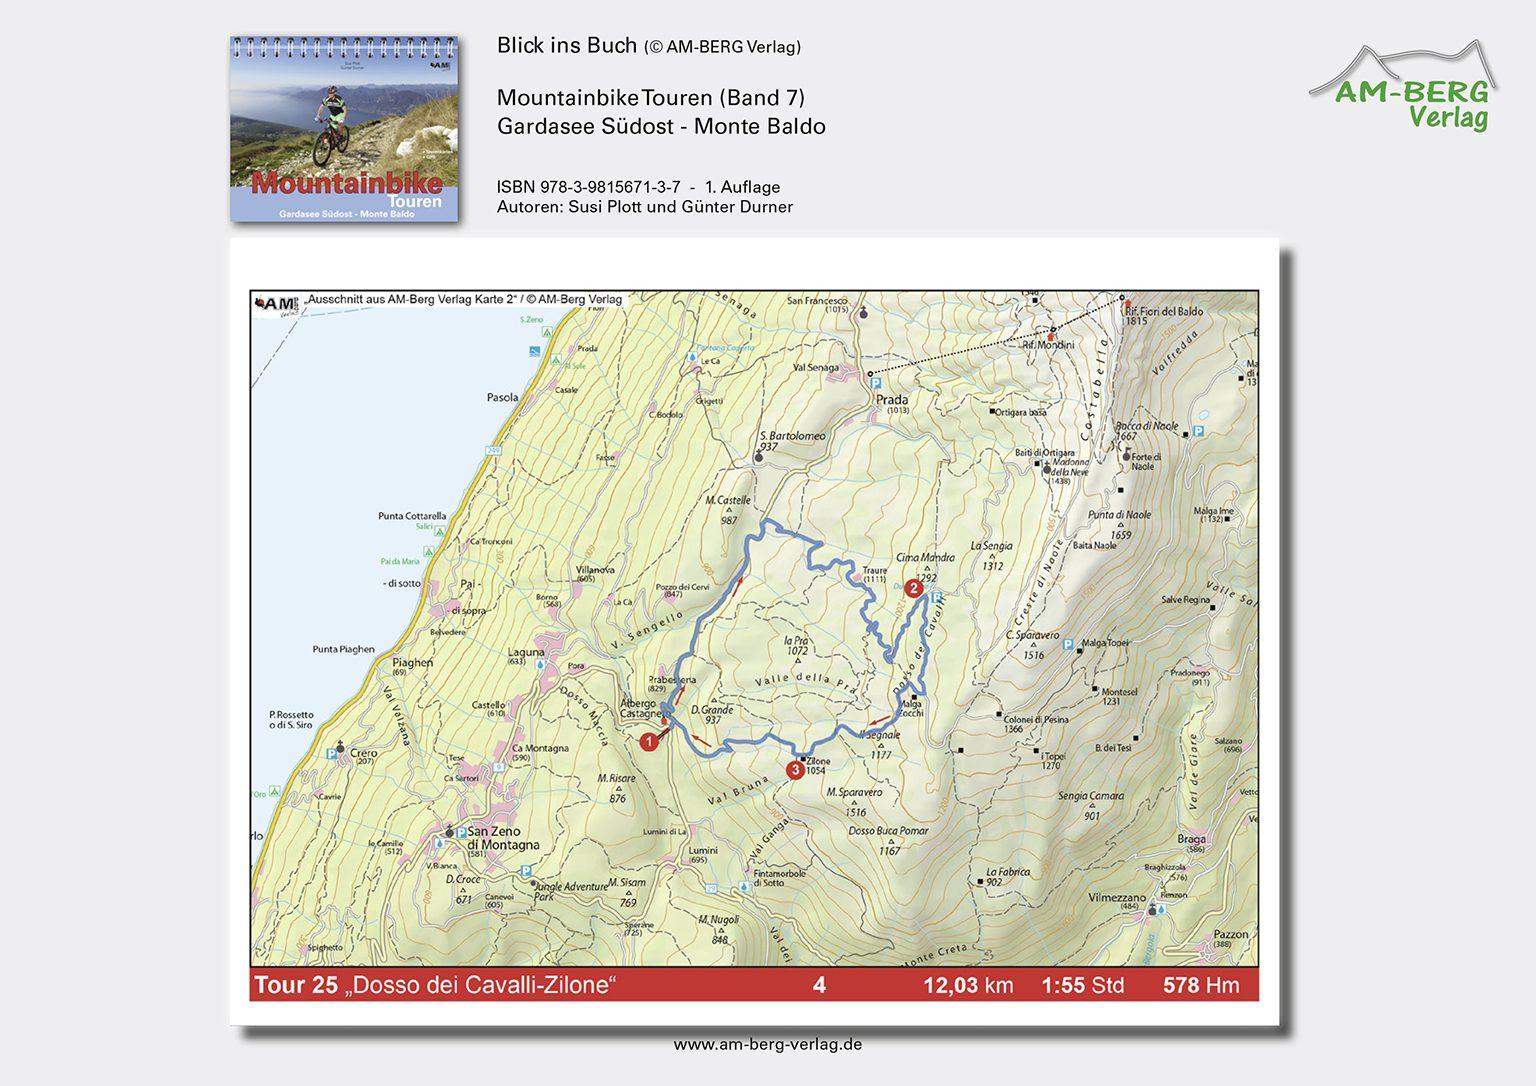 Mountainbike Touren Gardasee Südost - Monte Baldo_BlickinsBuch_Dosso-dei-cavalli-zilone